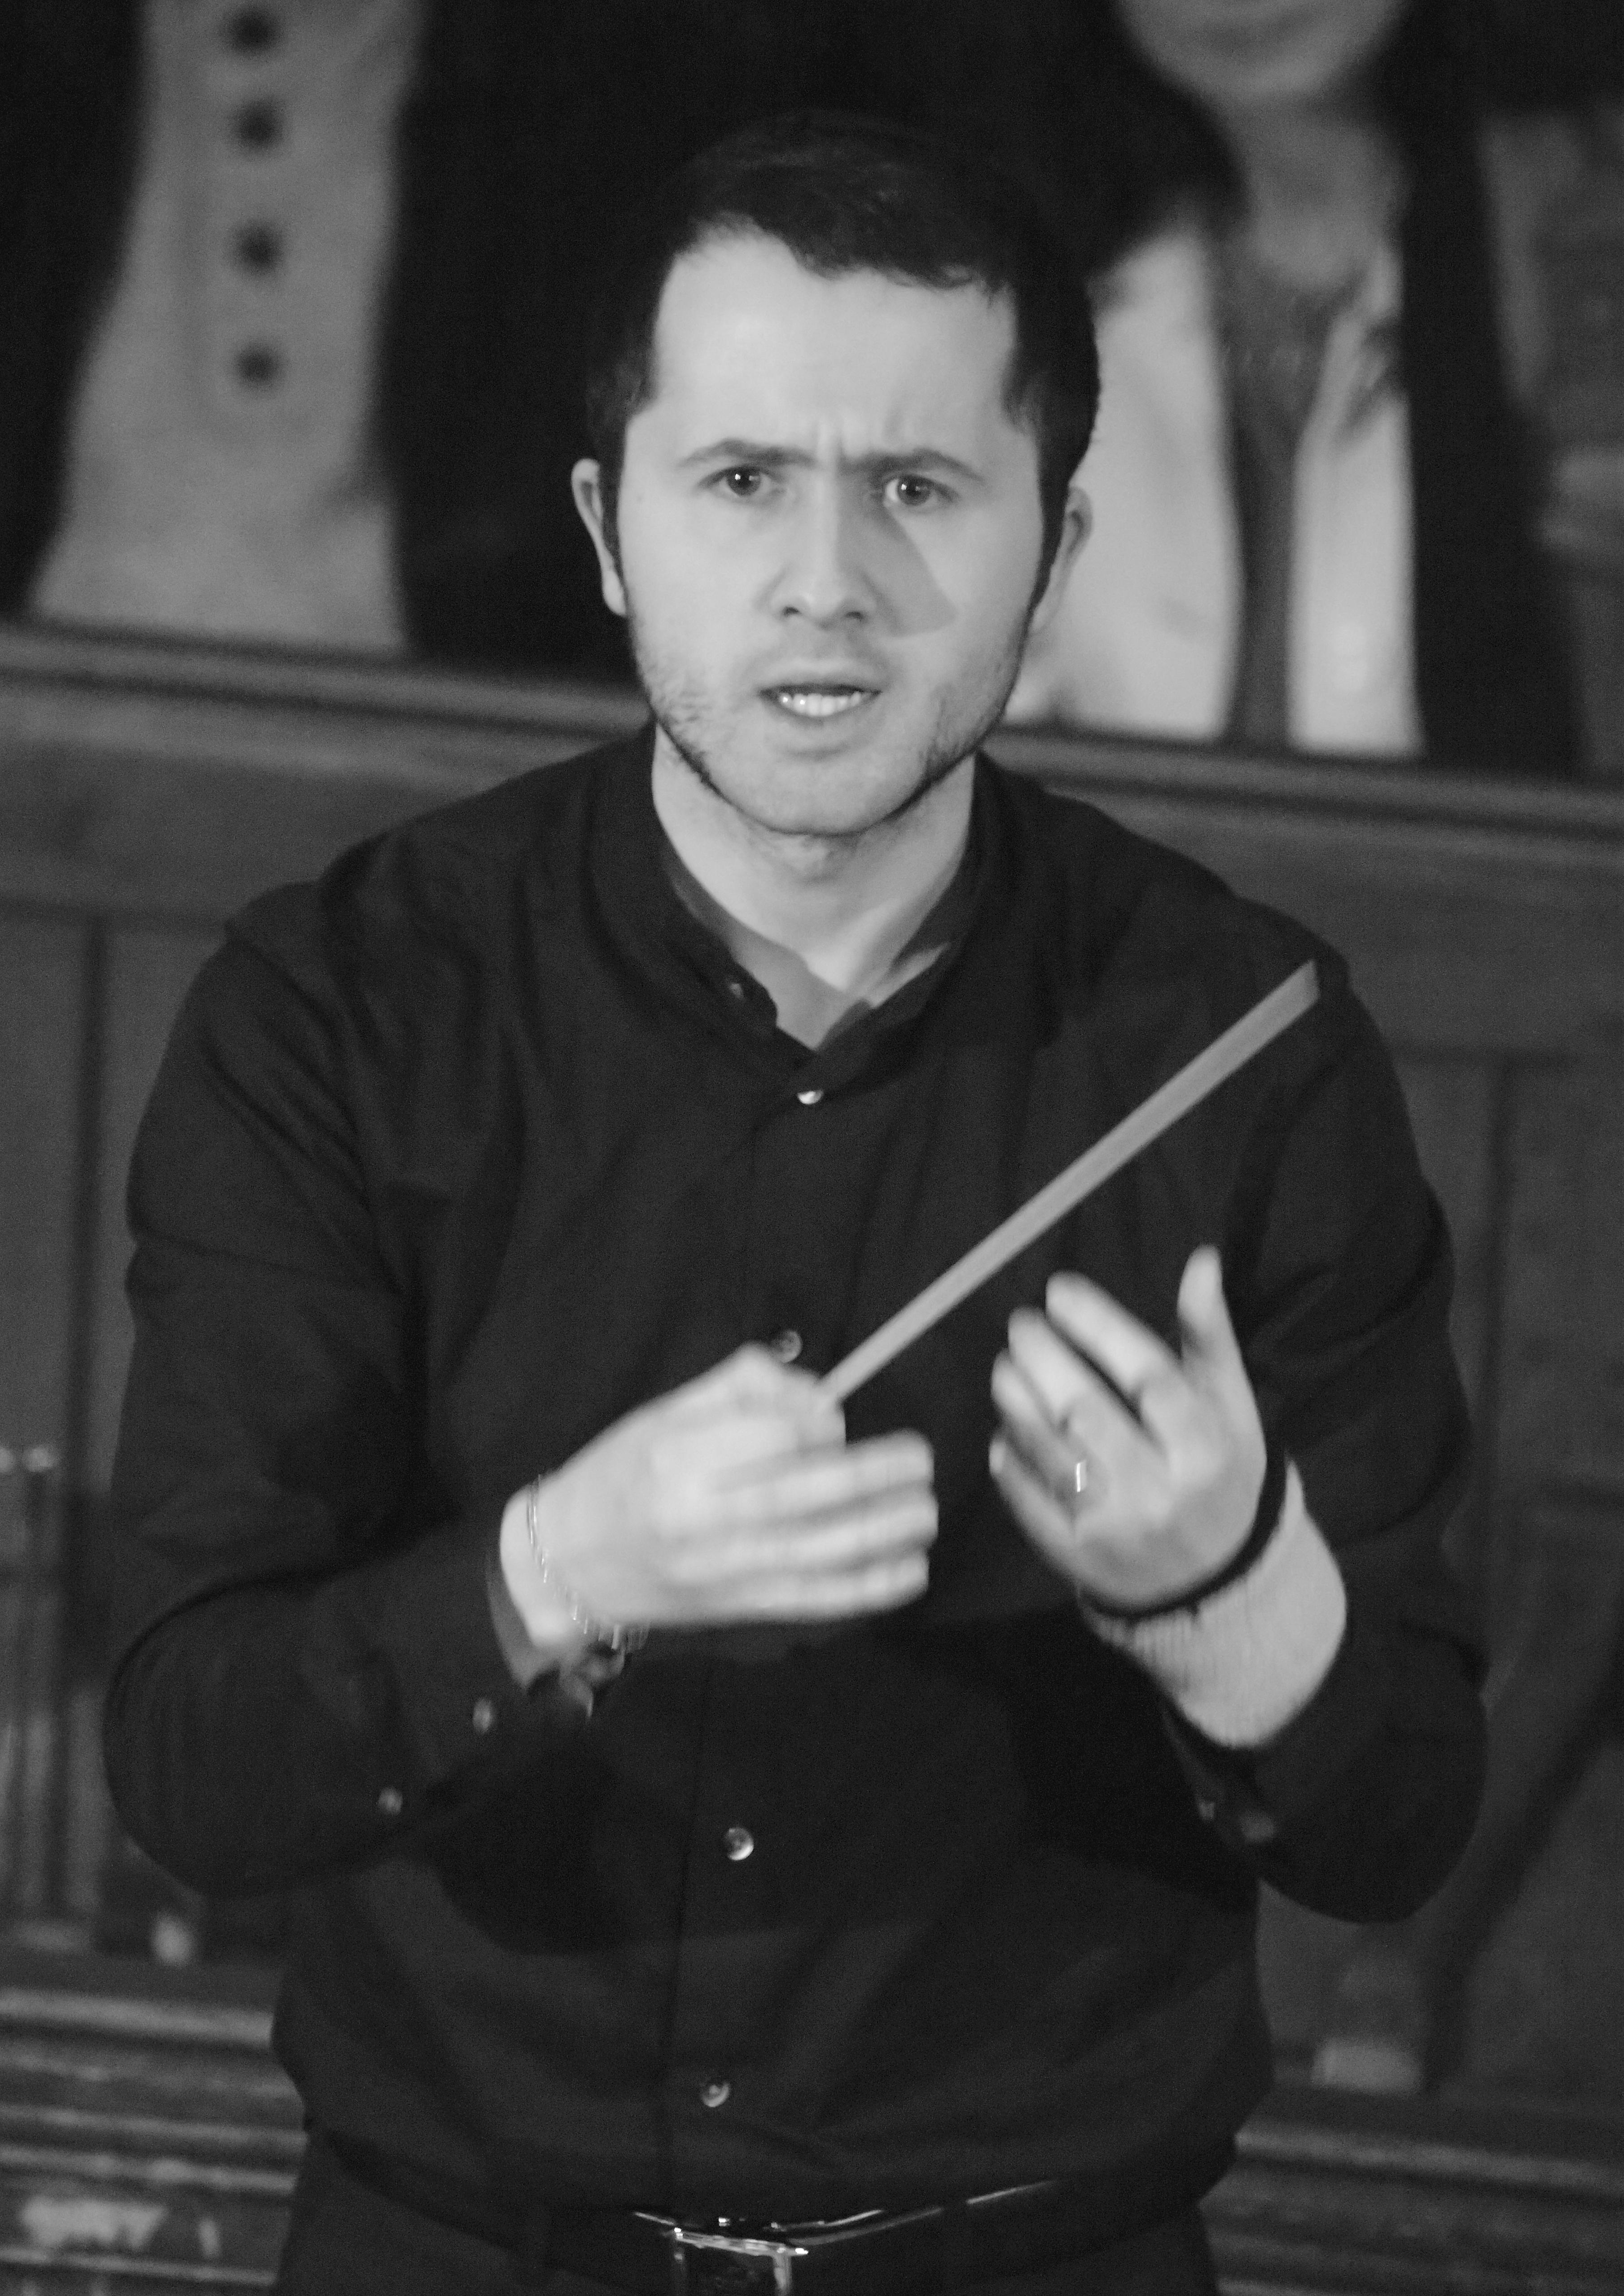 Liverpool Mozart Orchestra 18.11.17  Princes Rd Synagogue  Q1A7035 - Copy